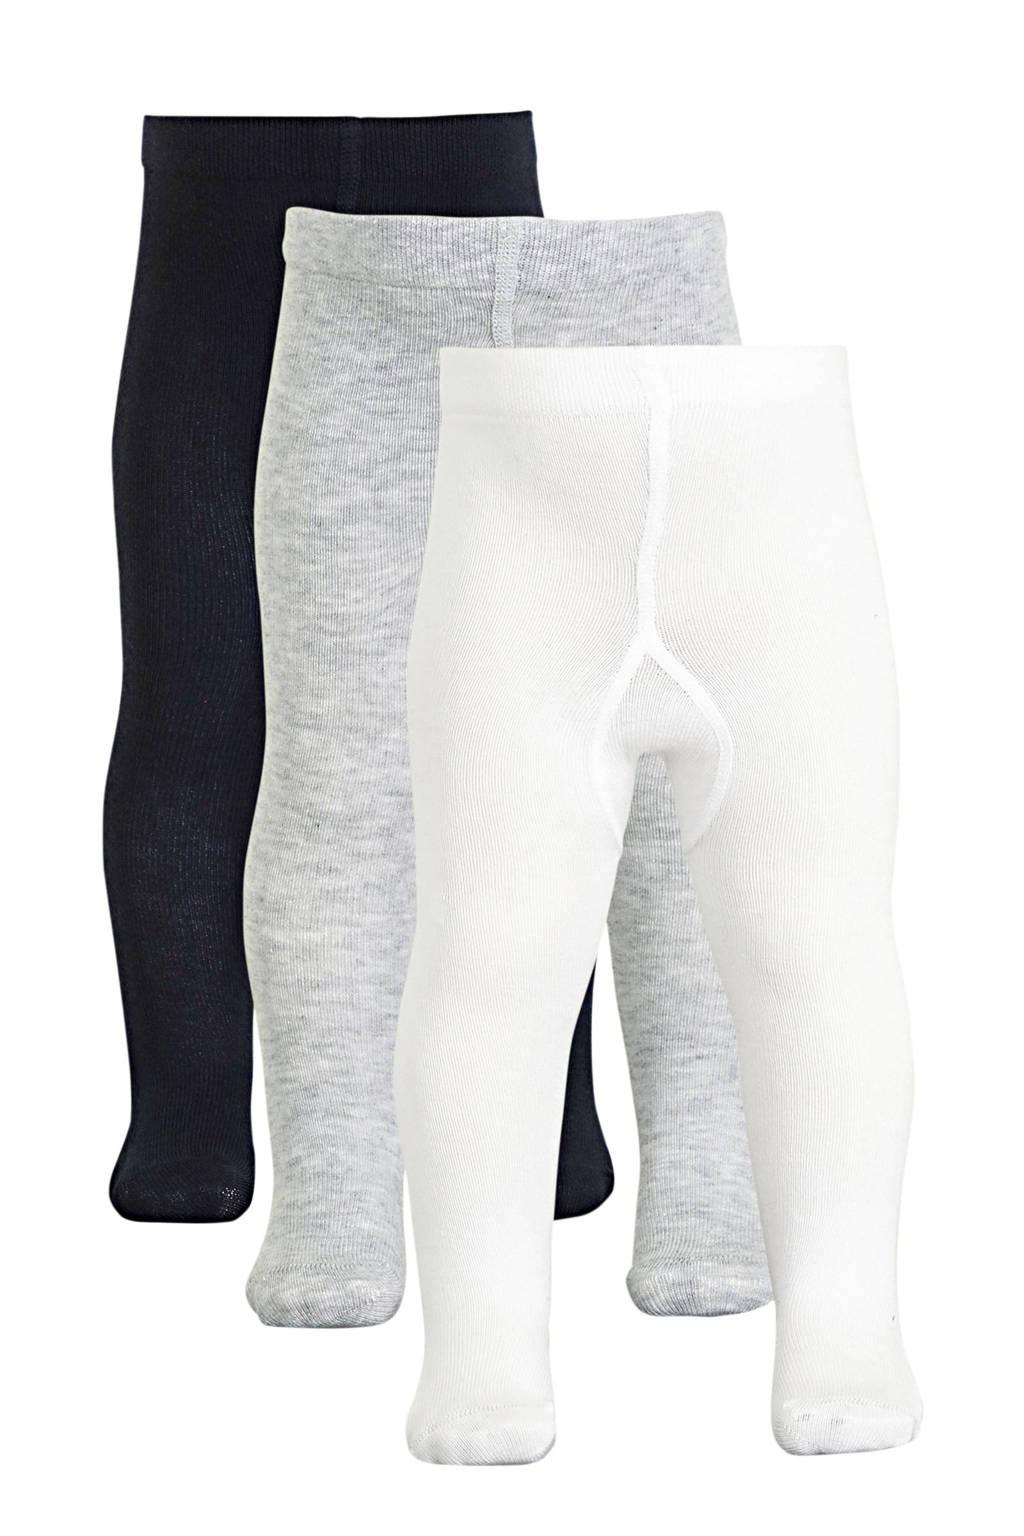 NAME IT BABY maillot - set van 3 wit/grijs/donkerblauw, Wit/grijs/donkerblauw